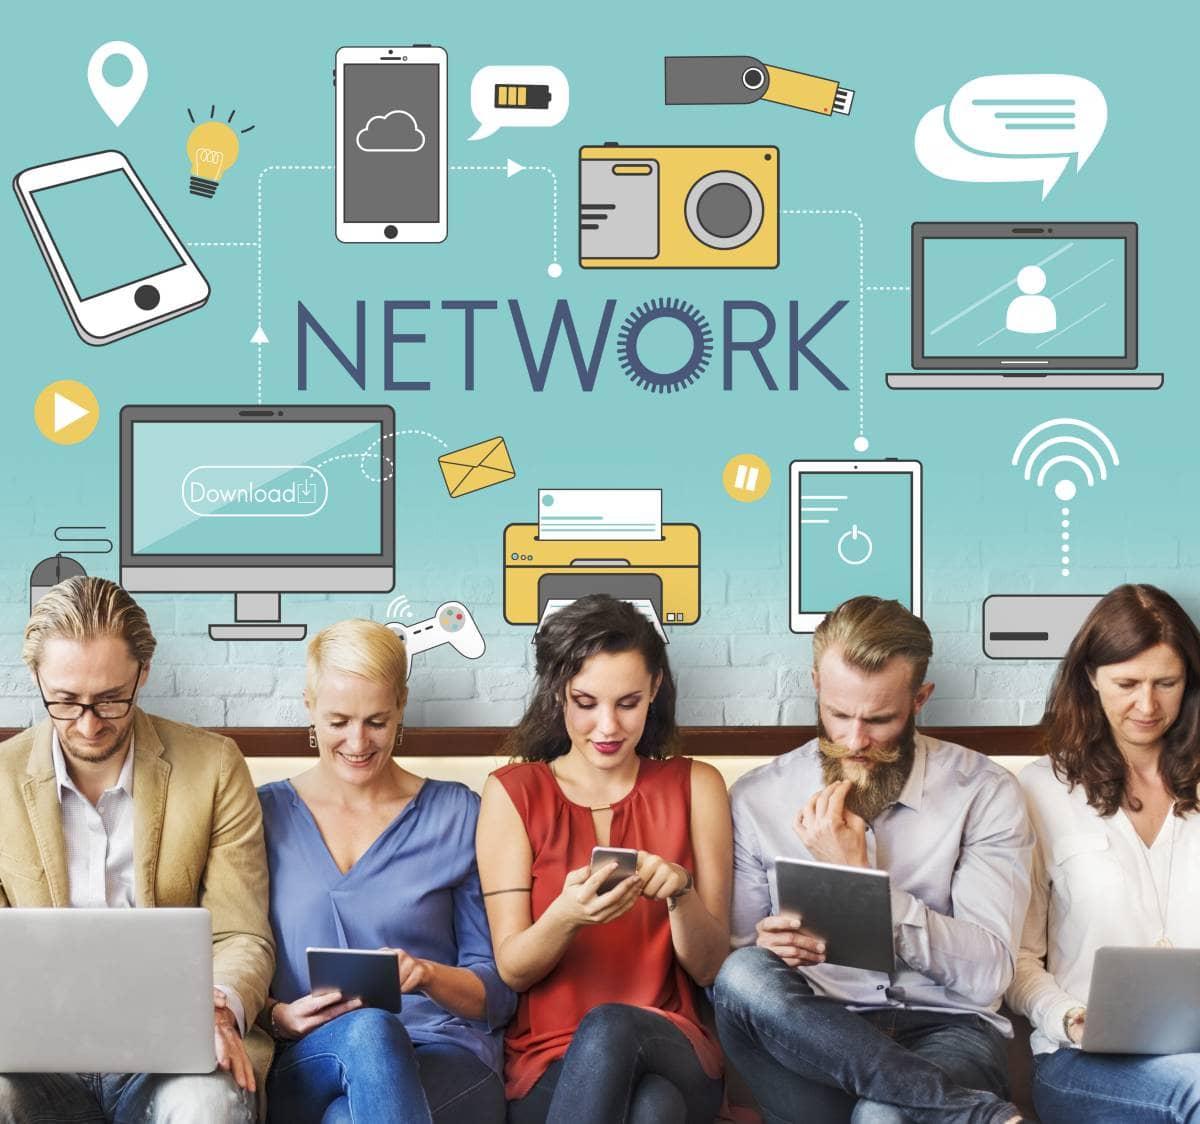 Jak utworzyć dużą grupę na Facebooku i nią zarządzać? [Case study]